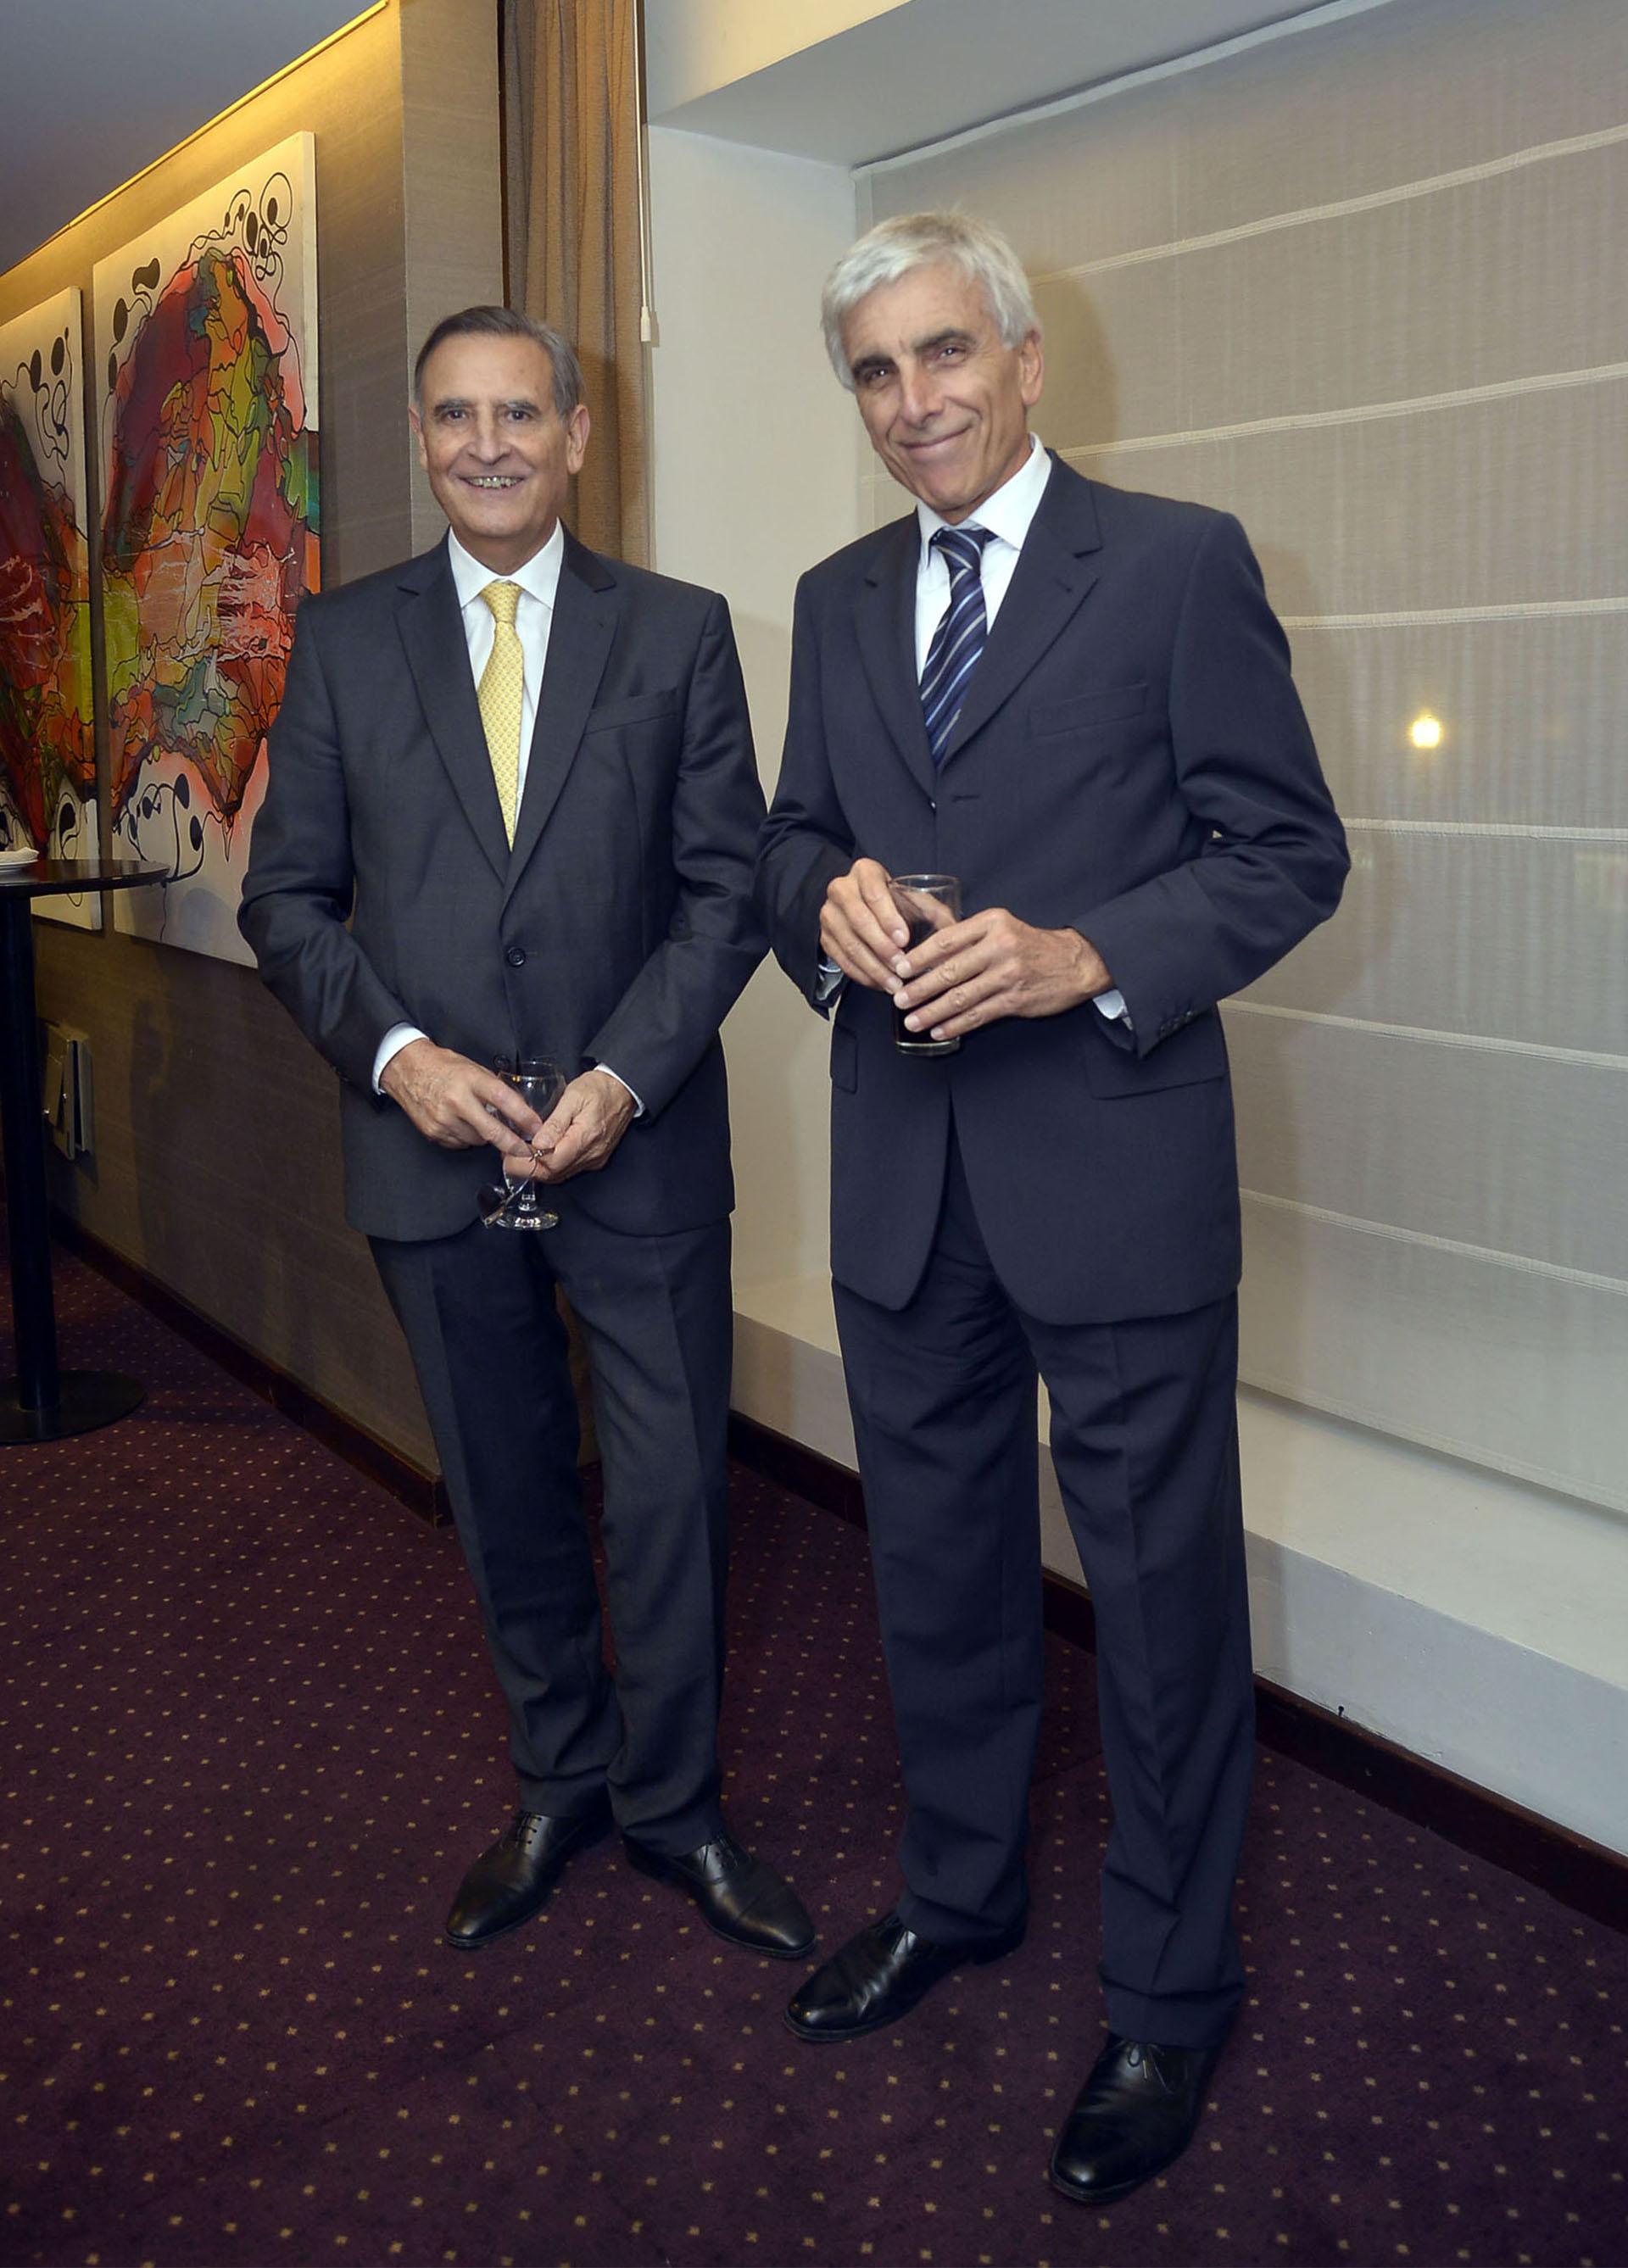 Hector Aranda y Jorge Rendo (Clarín)